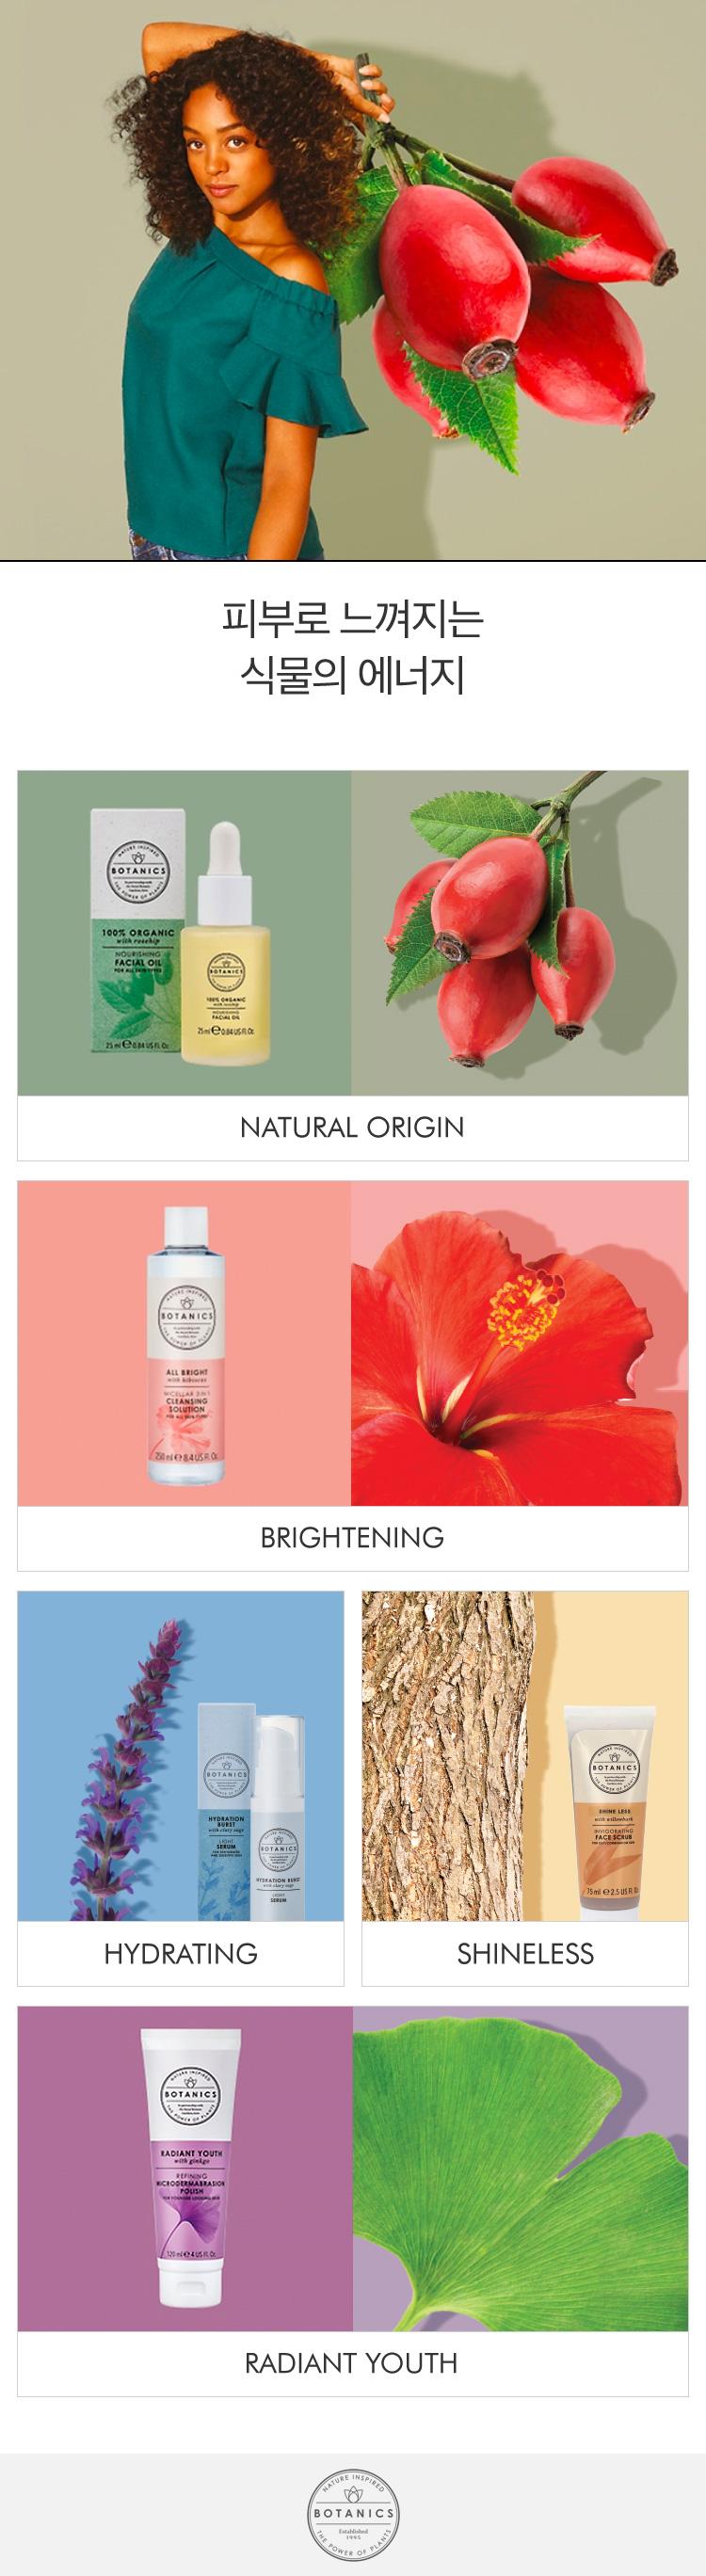 피부로 느껴지는 식물의 에너지